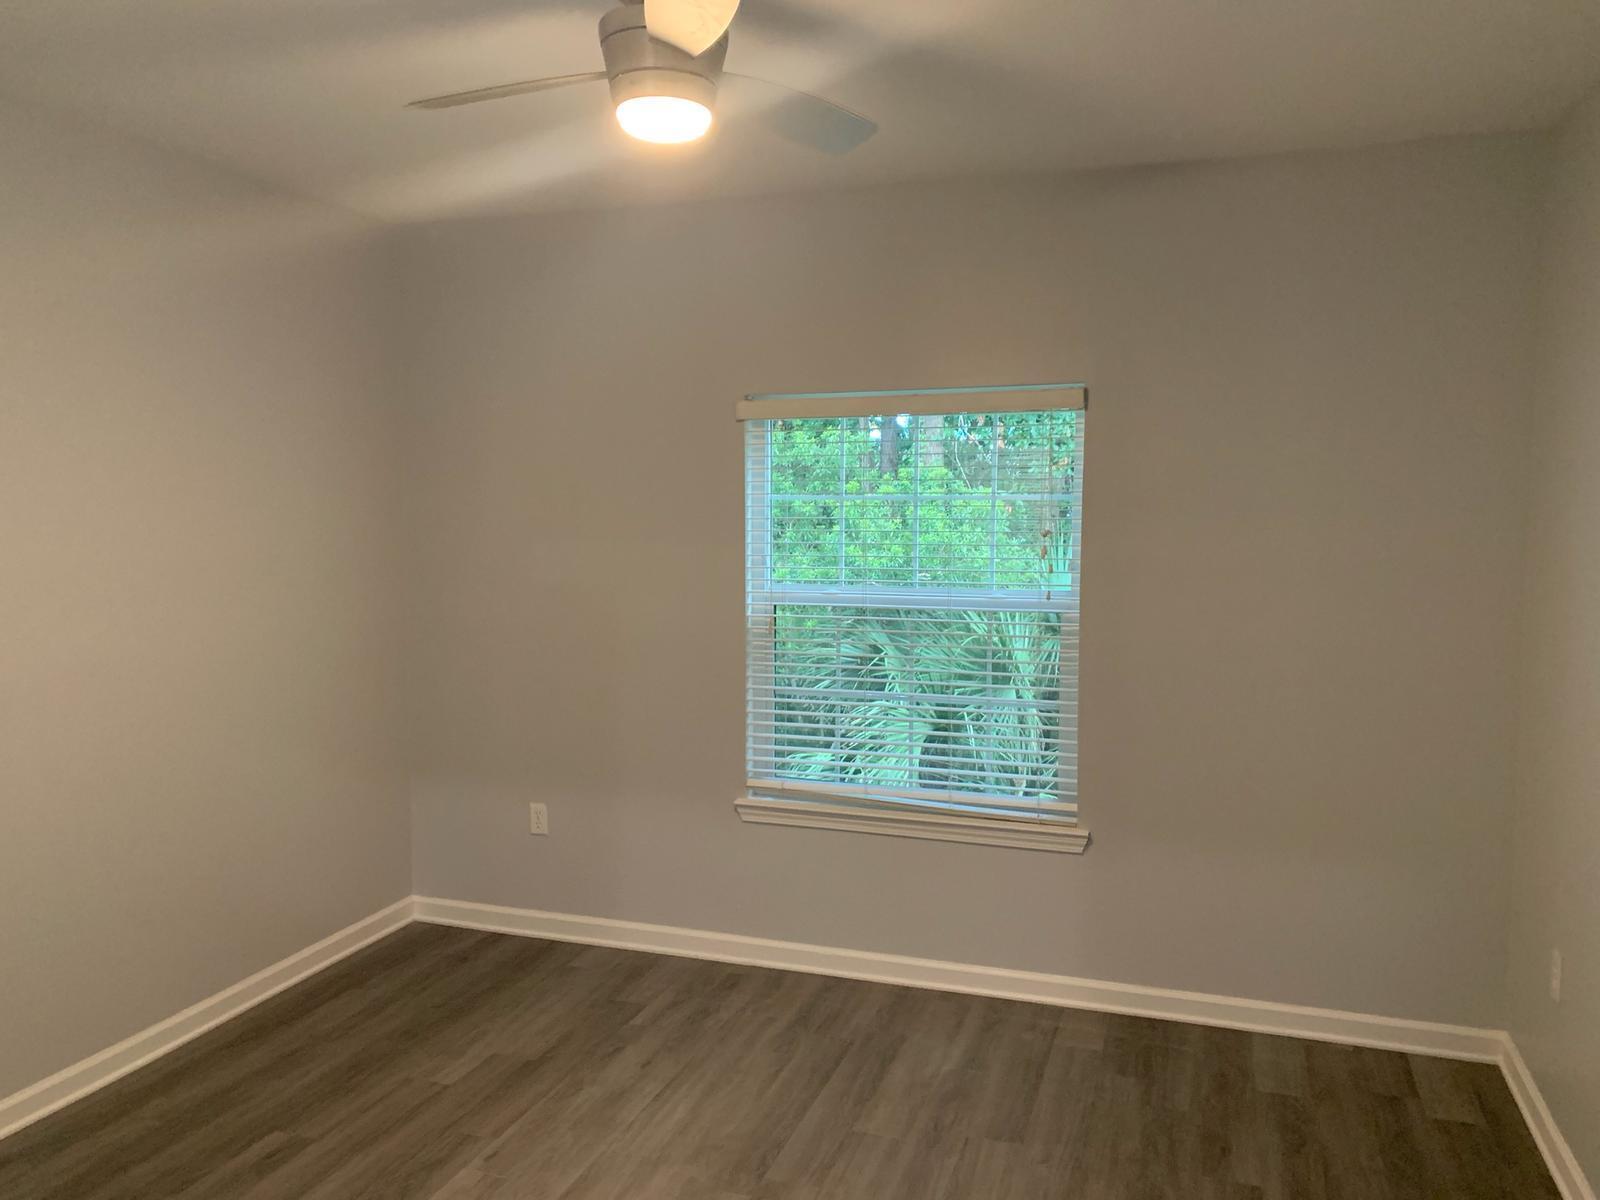 Park West Homes For Sale - 1300 Park West Blvd, Mount Pleasant, SC - 3